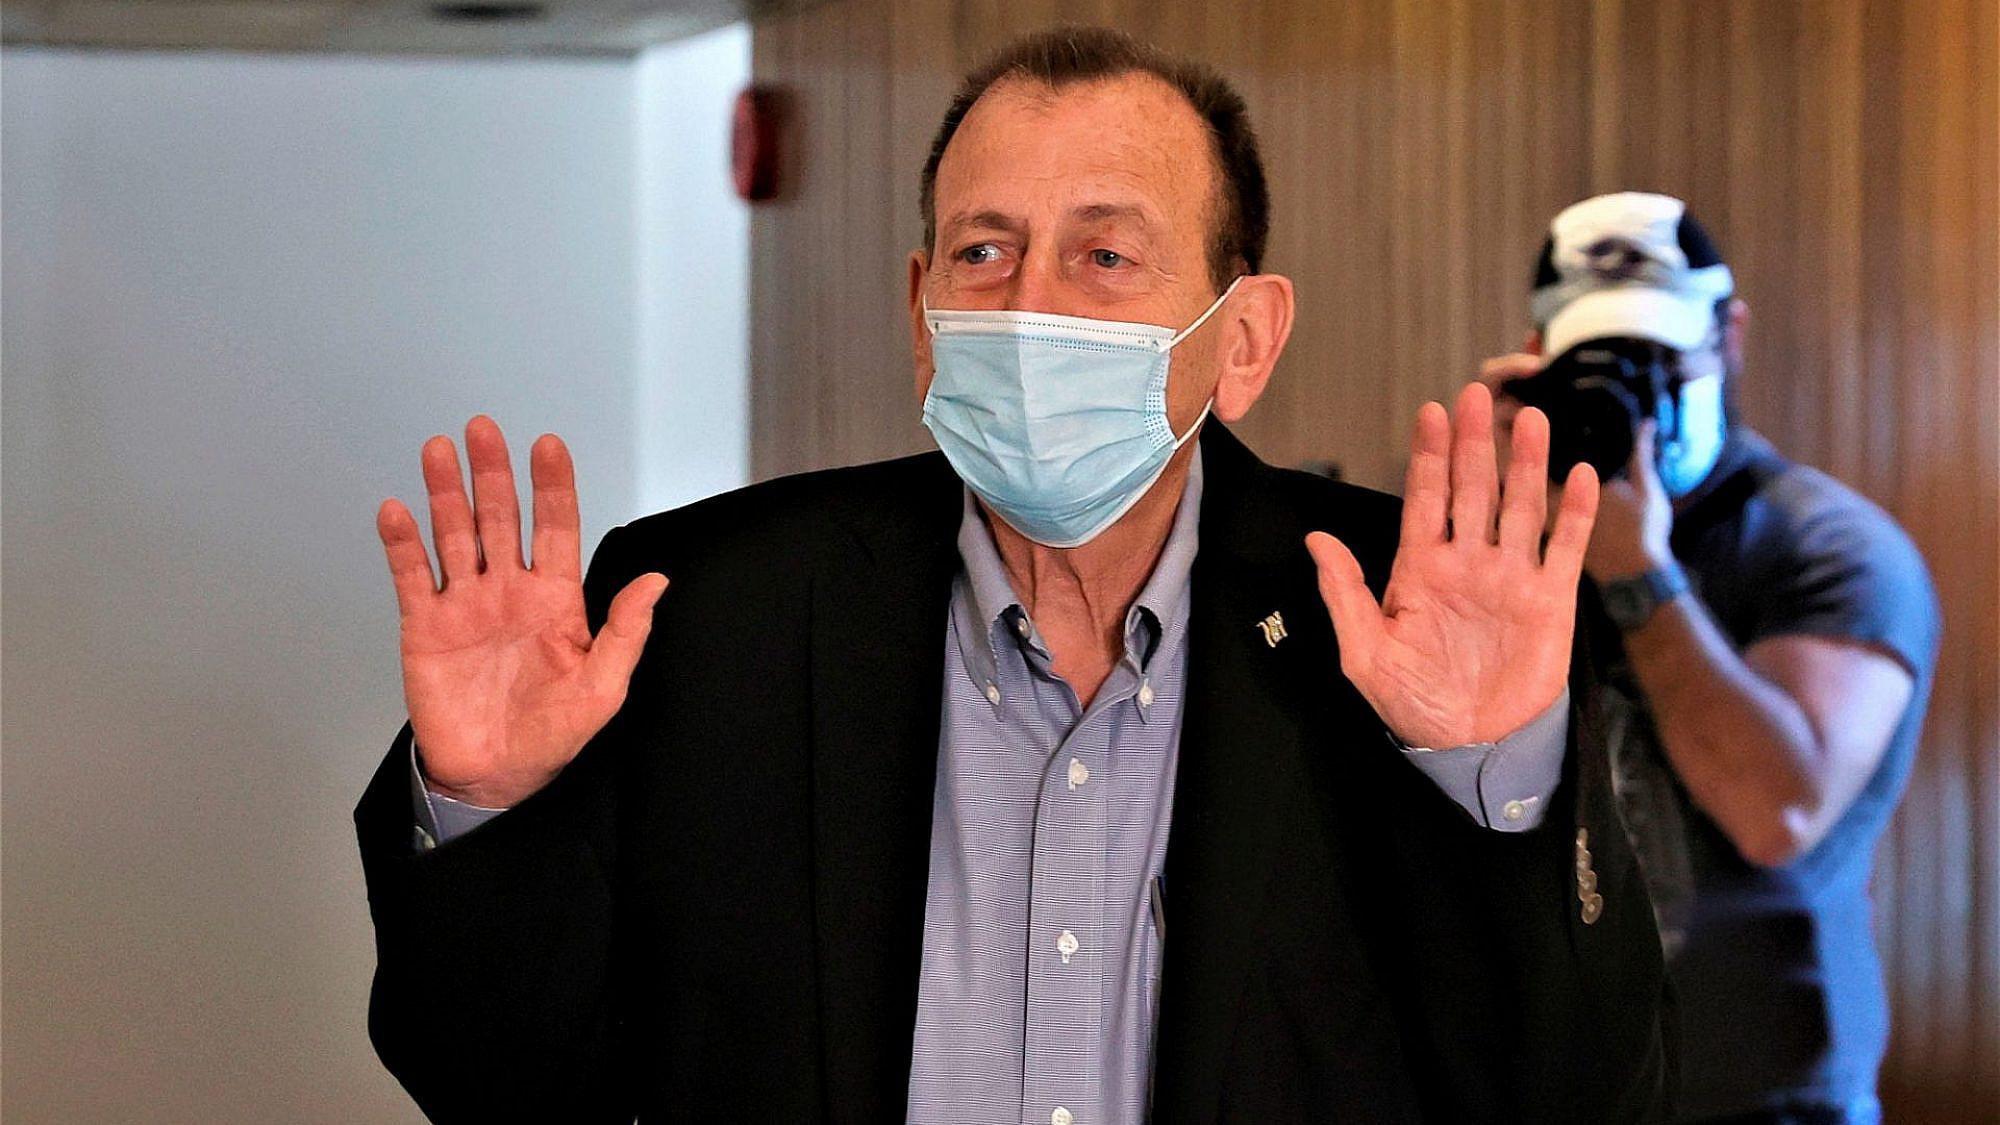 קמפיין מבולבל ונגטיבי בטיימינג גרוע. רון חולדאי (צילום: ג'ק גואז\AFP\גטי אימג'ס)